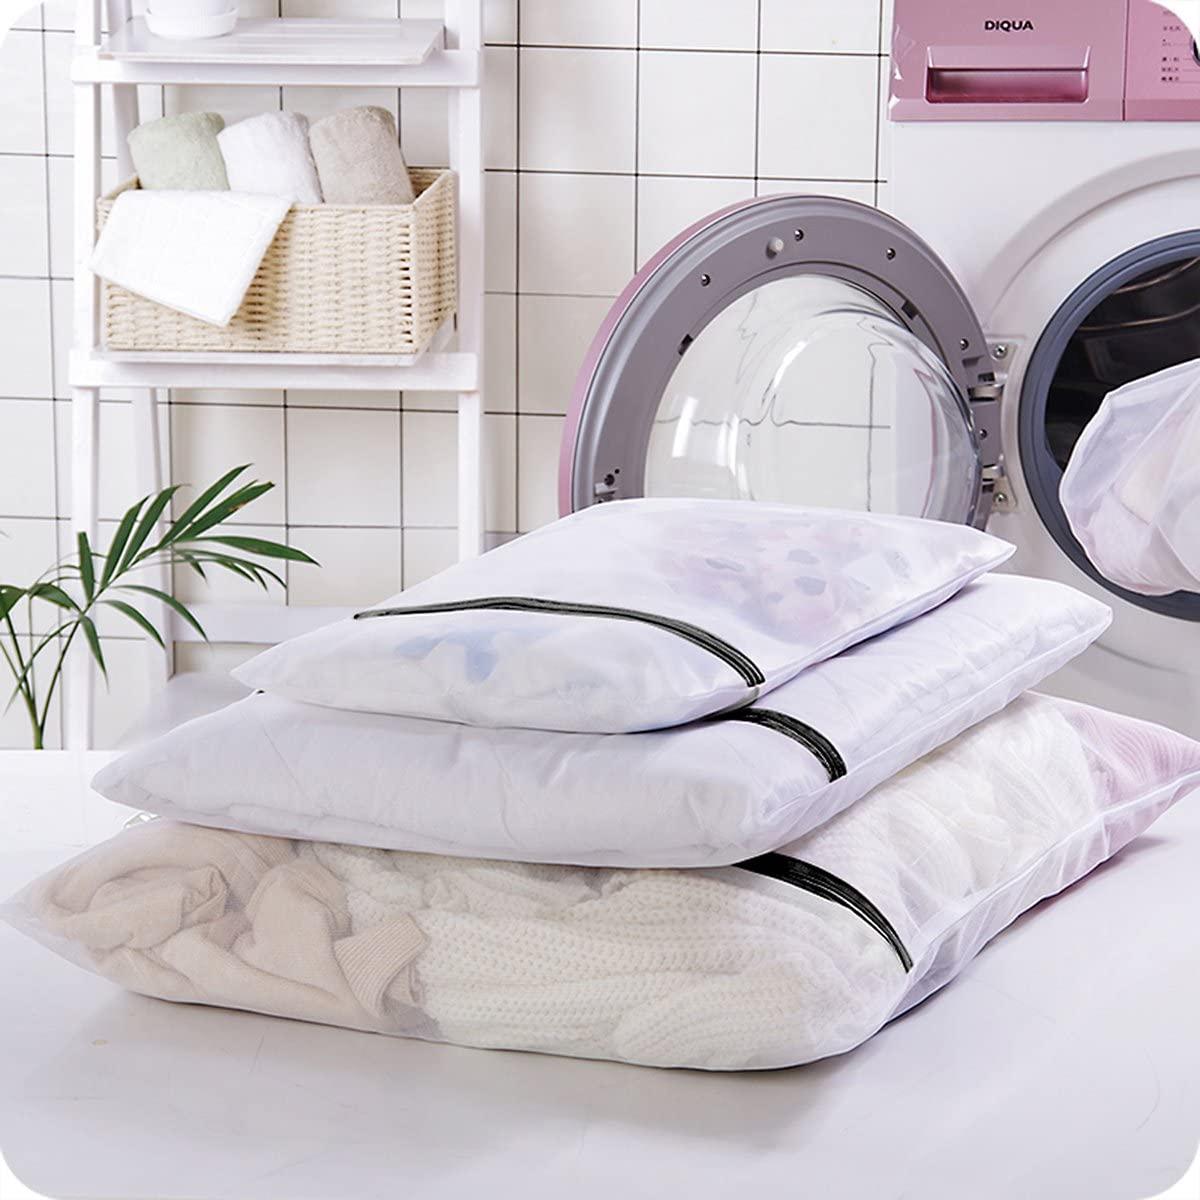 GLAMOURIC(グラモリック) GLAMOURIC 洗濯ネット ランドリーネット 洗濯袋 6枚入セット 2個洗濯ボール付きの商品画像7